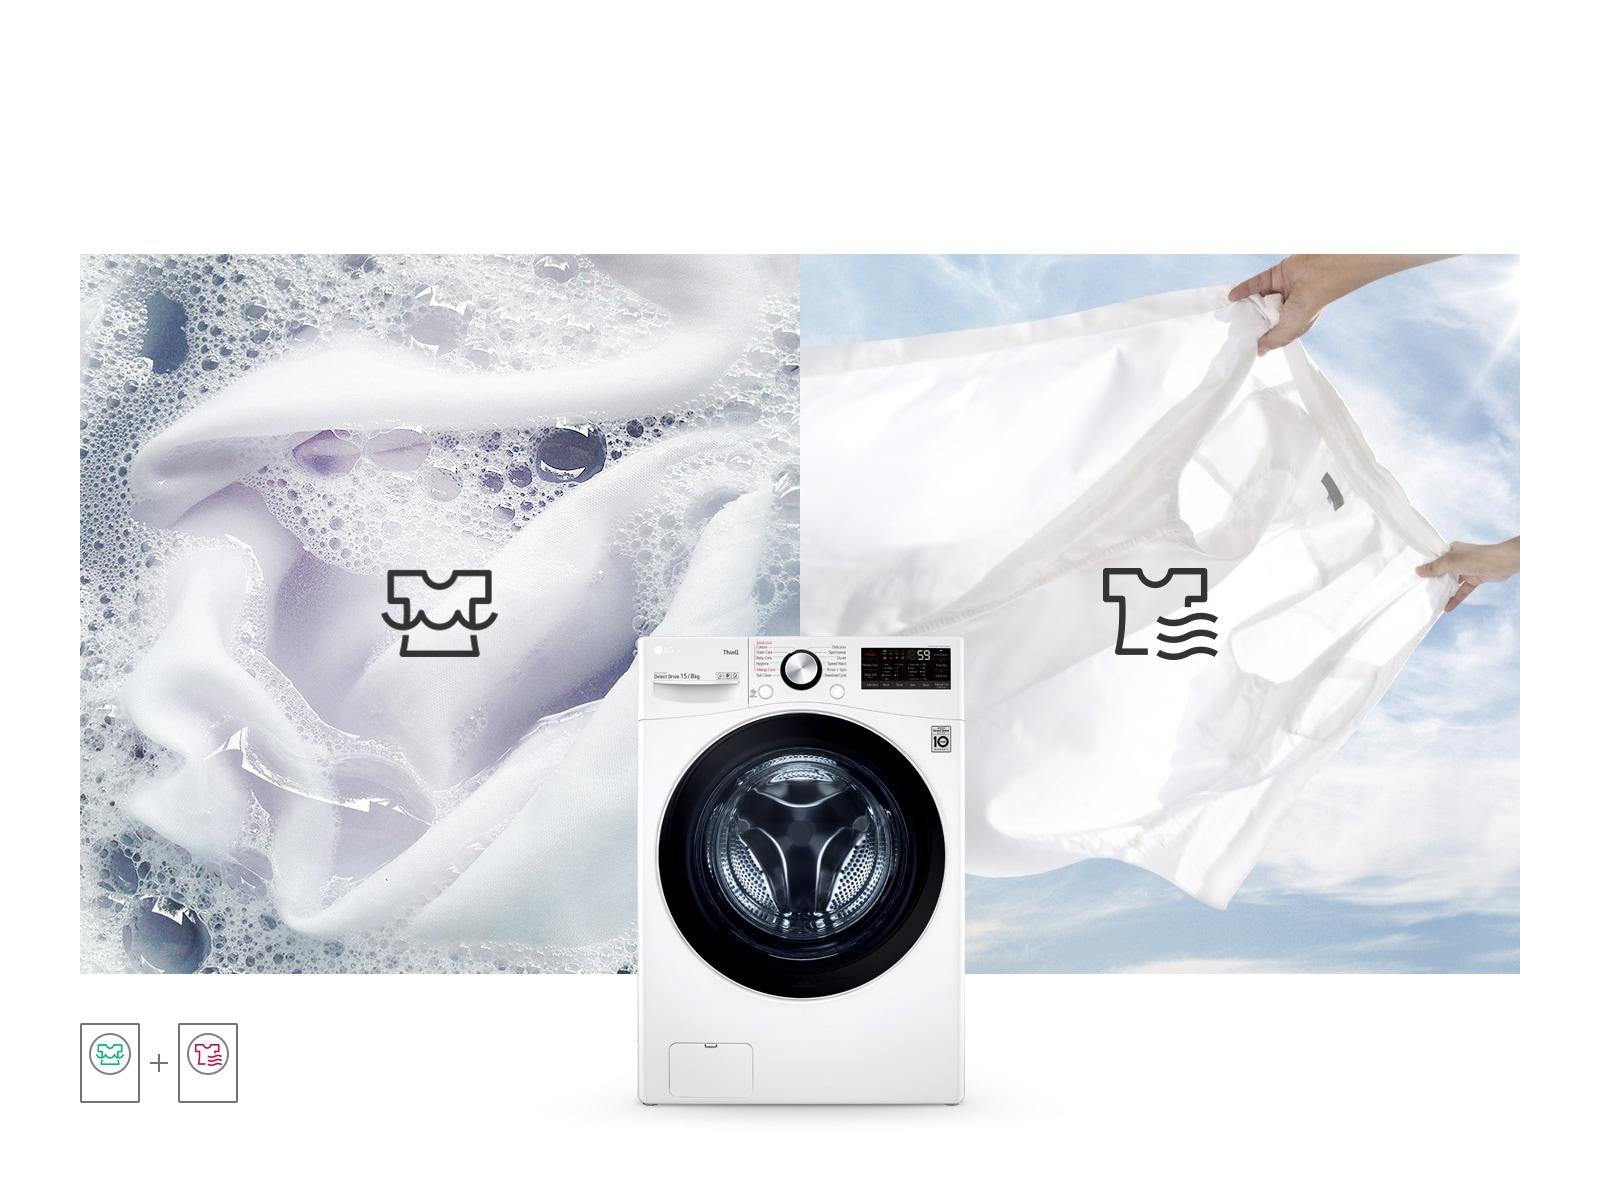 Hình ảnh phía sau chụp một áo sơ mi trắng dính bọt xà phòng trong chu trình giặt và hình ảnh thứ hai phía sau chụp chiếc áo sơ mi đó trong chu trình sấy. Hình phía trước là TopGun2.